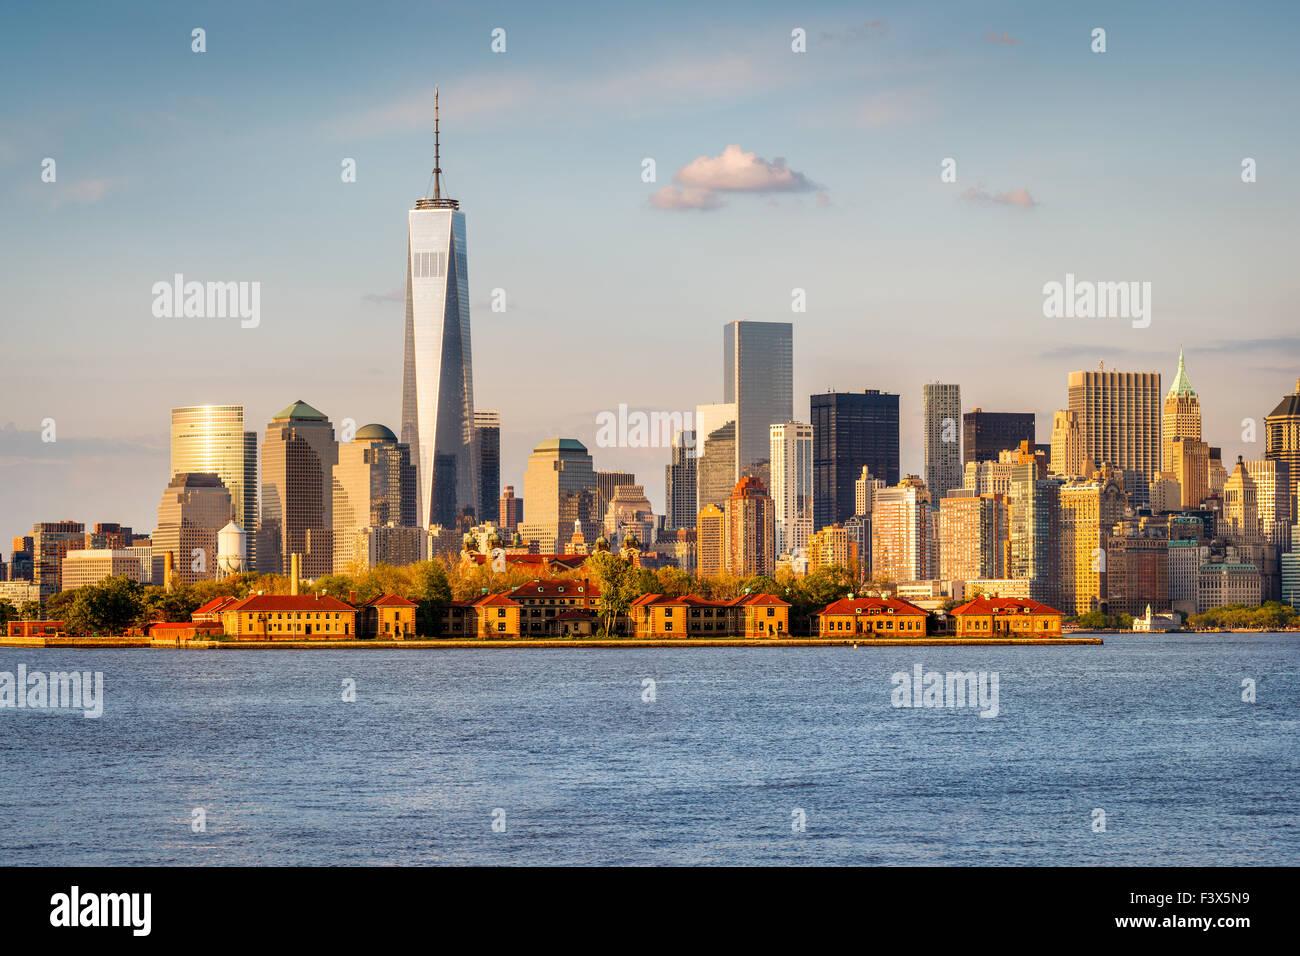 Il Porto di New York vista del World Trade Center e la parte inferiore di Manhattan con il quartiere finanziario Immagini Stock